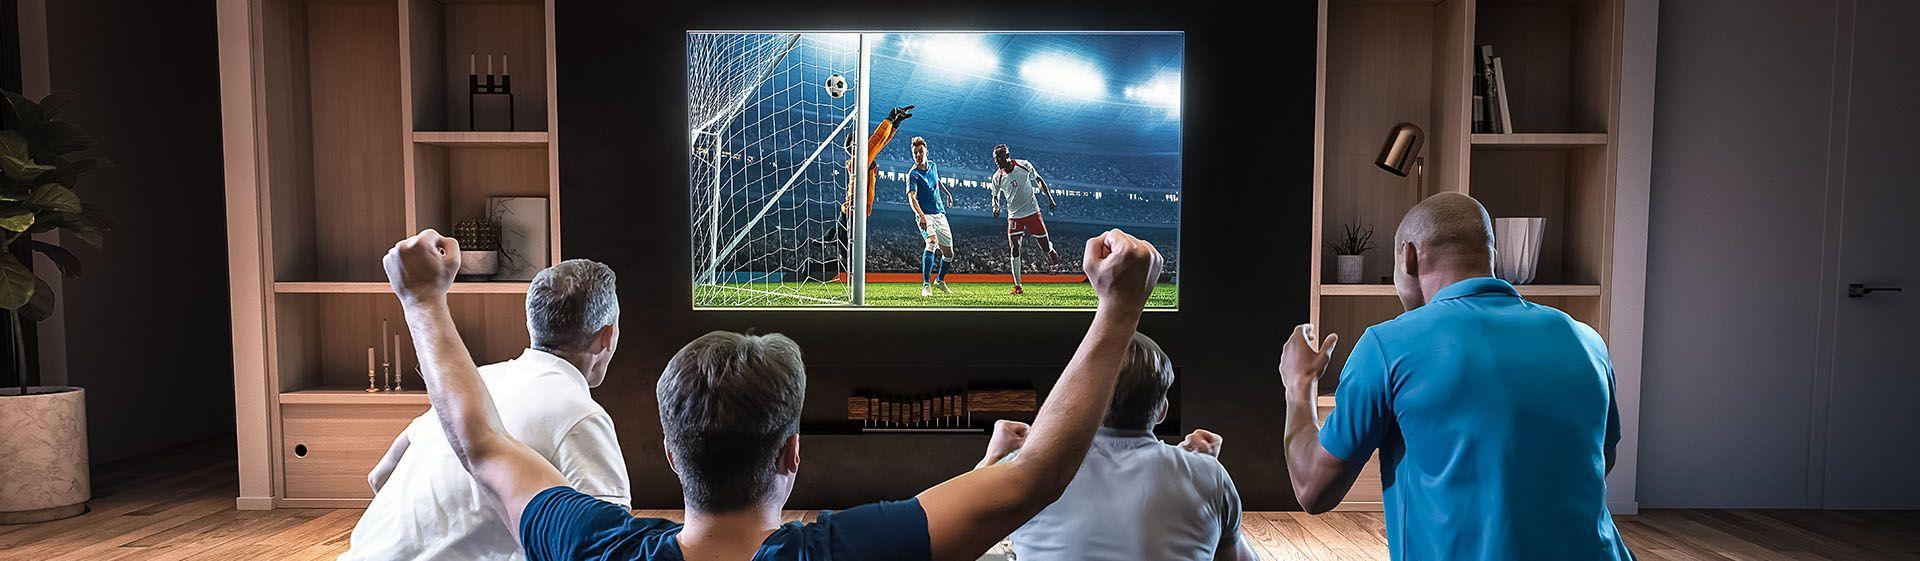 Assistir futebol em casa: TVs, caixas de som e outros para simular clima de estádio